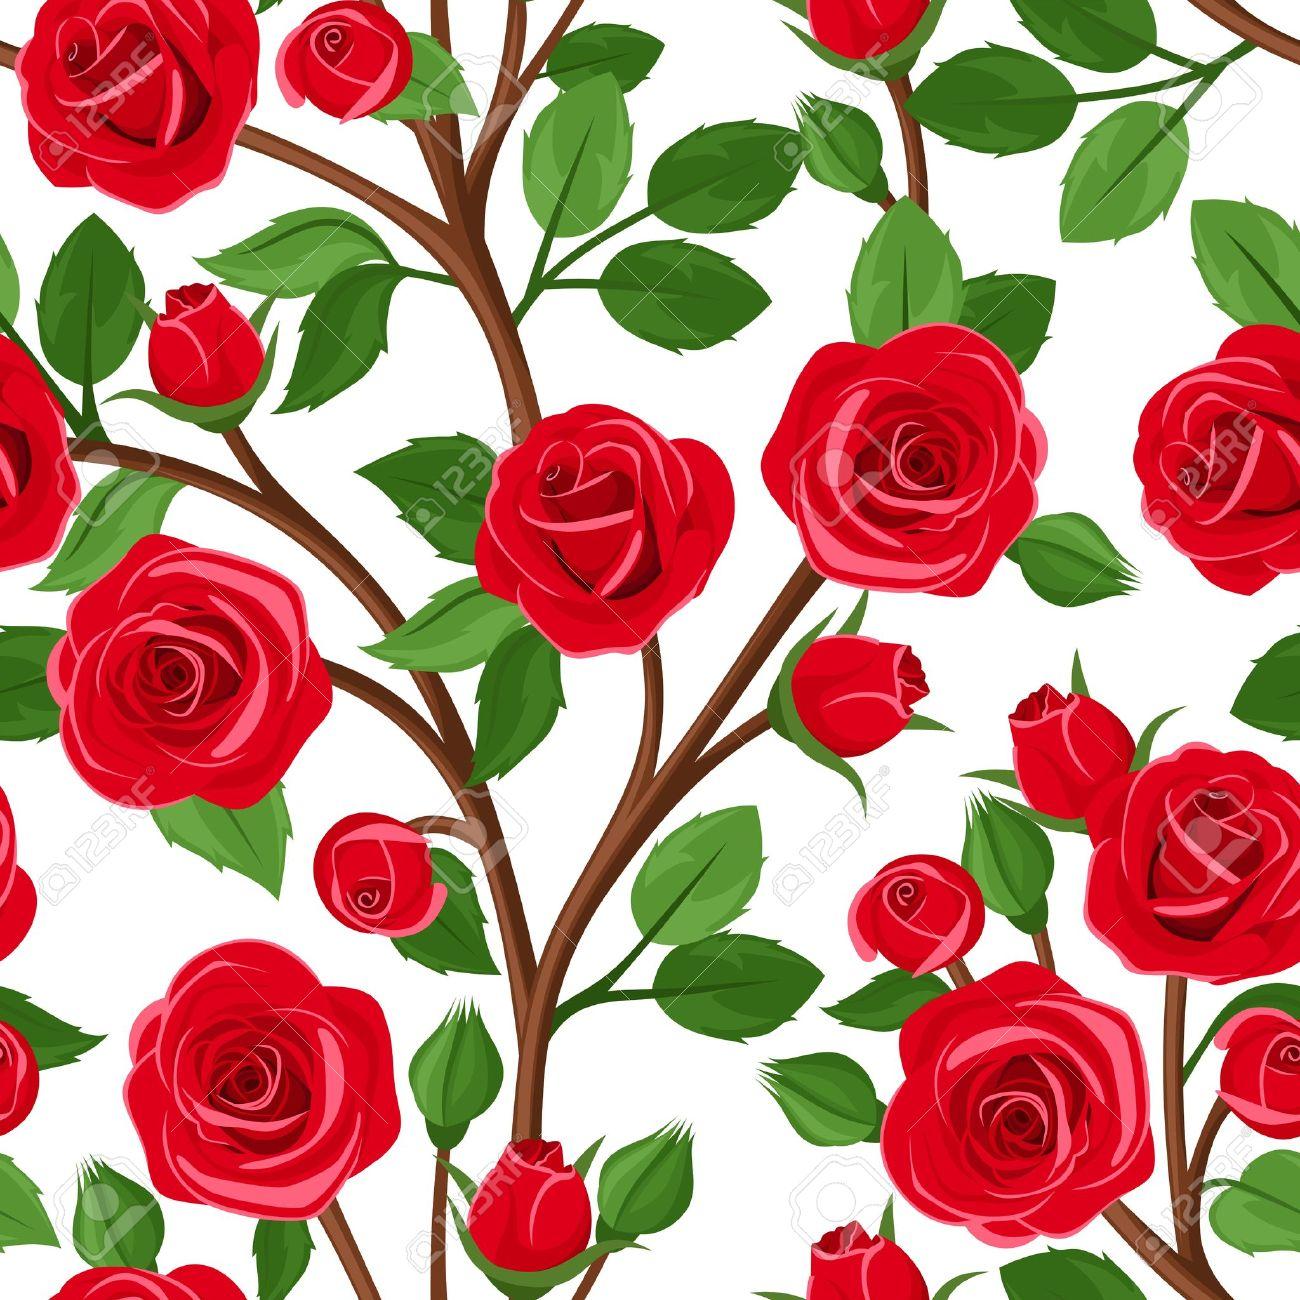 Rose Bush clipart #18, Download drawings